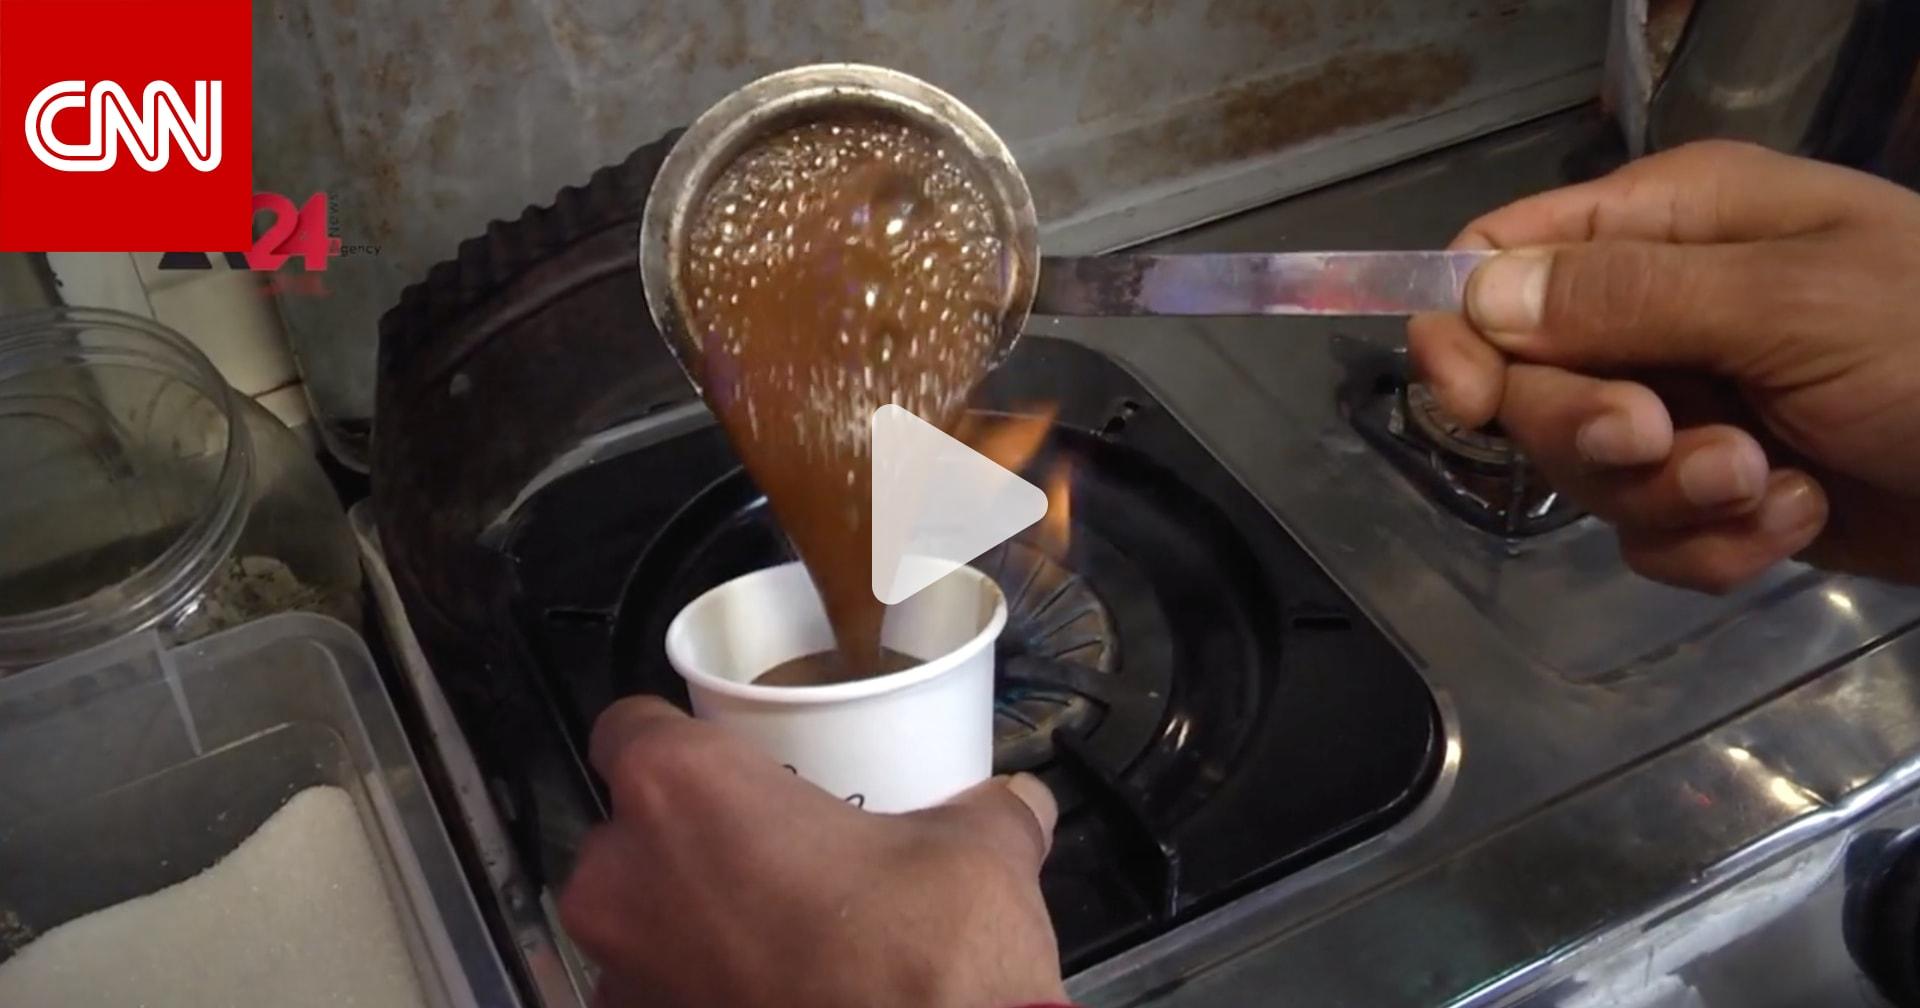 يبيع القهوة والشاي في شوارع غزة.. شاهد كيف يحاول هذا الشاب استقطاب الزبائن